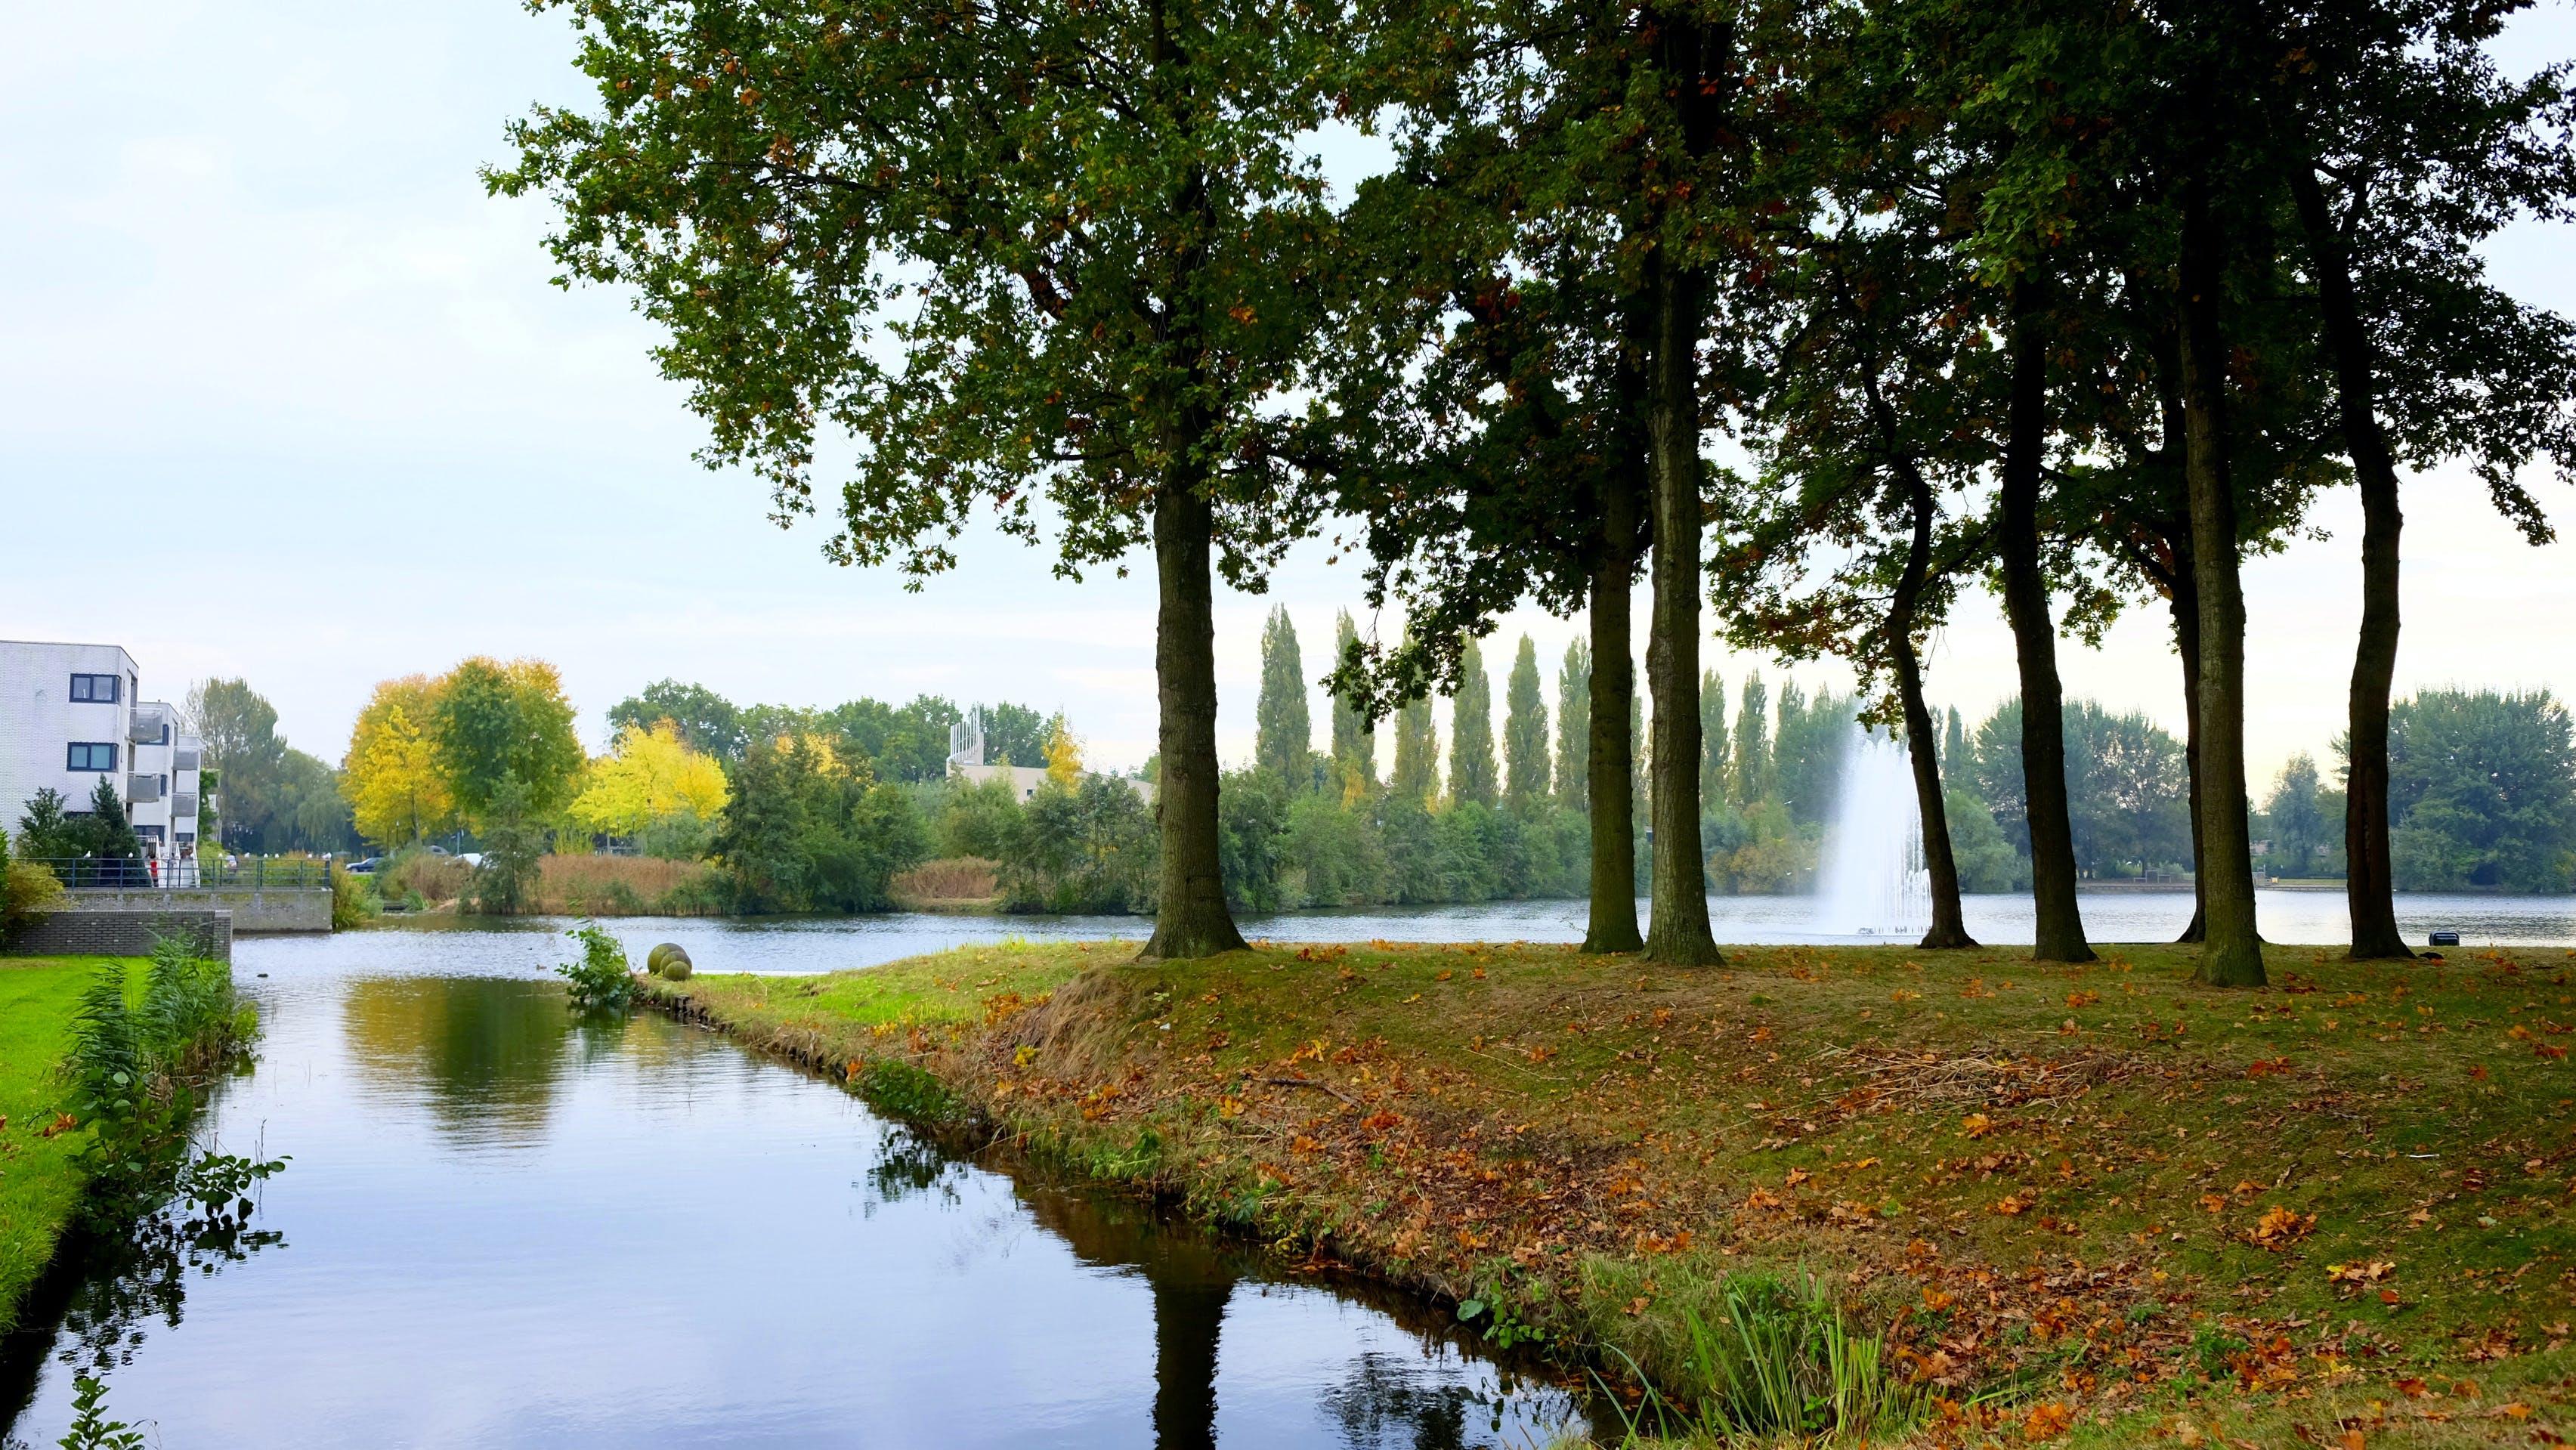 Δωρεάν στοκ φωτογραφιών με γρασίδι, δέντρα, νερό, πάρκο